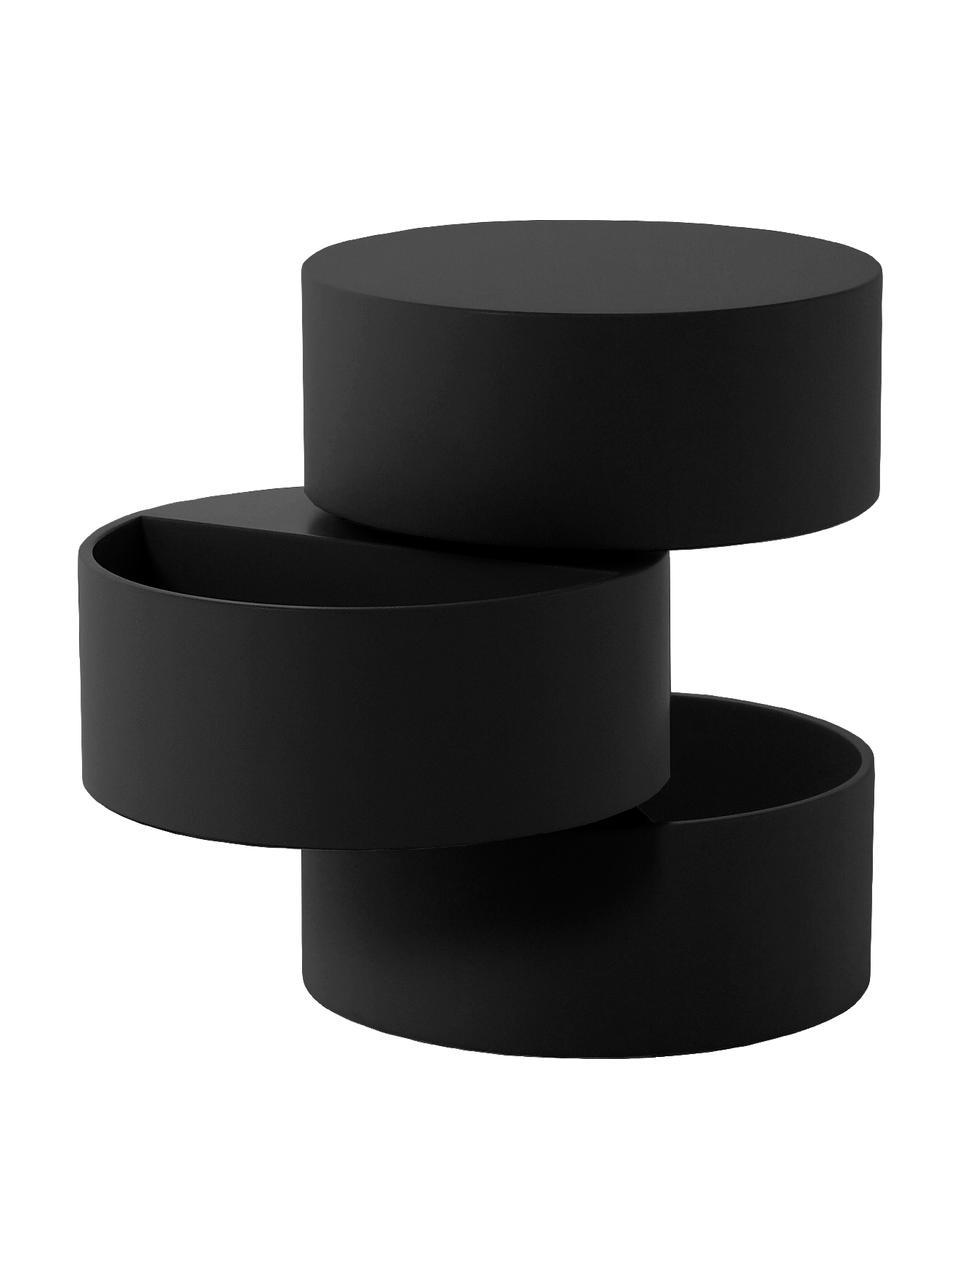 Stolik pomocniczy z ruchomymi przegródkami Loka, Lakierowana płyta pilśniowa średniej gęstości (MDF), Czarny, Ø 40 x W 51 cm